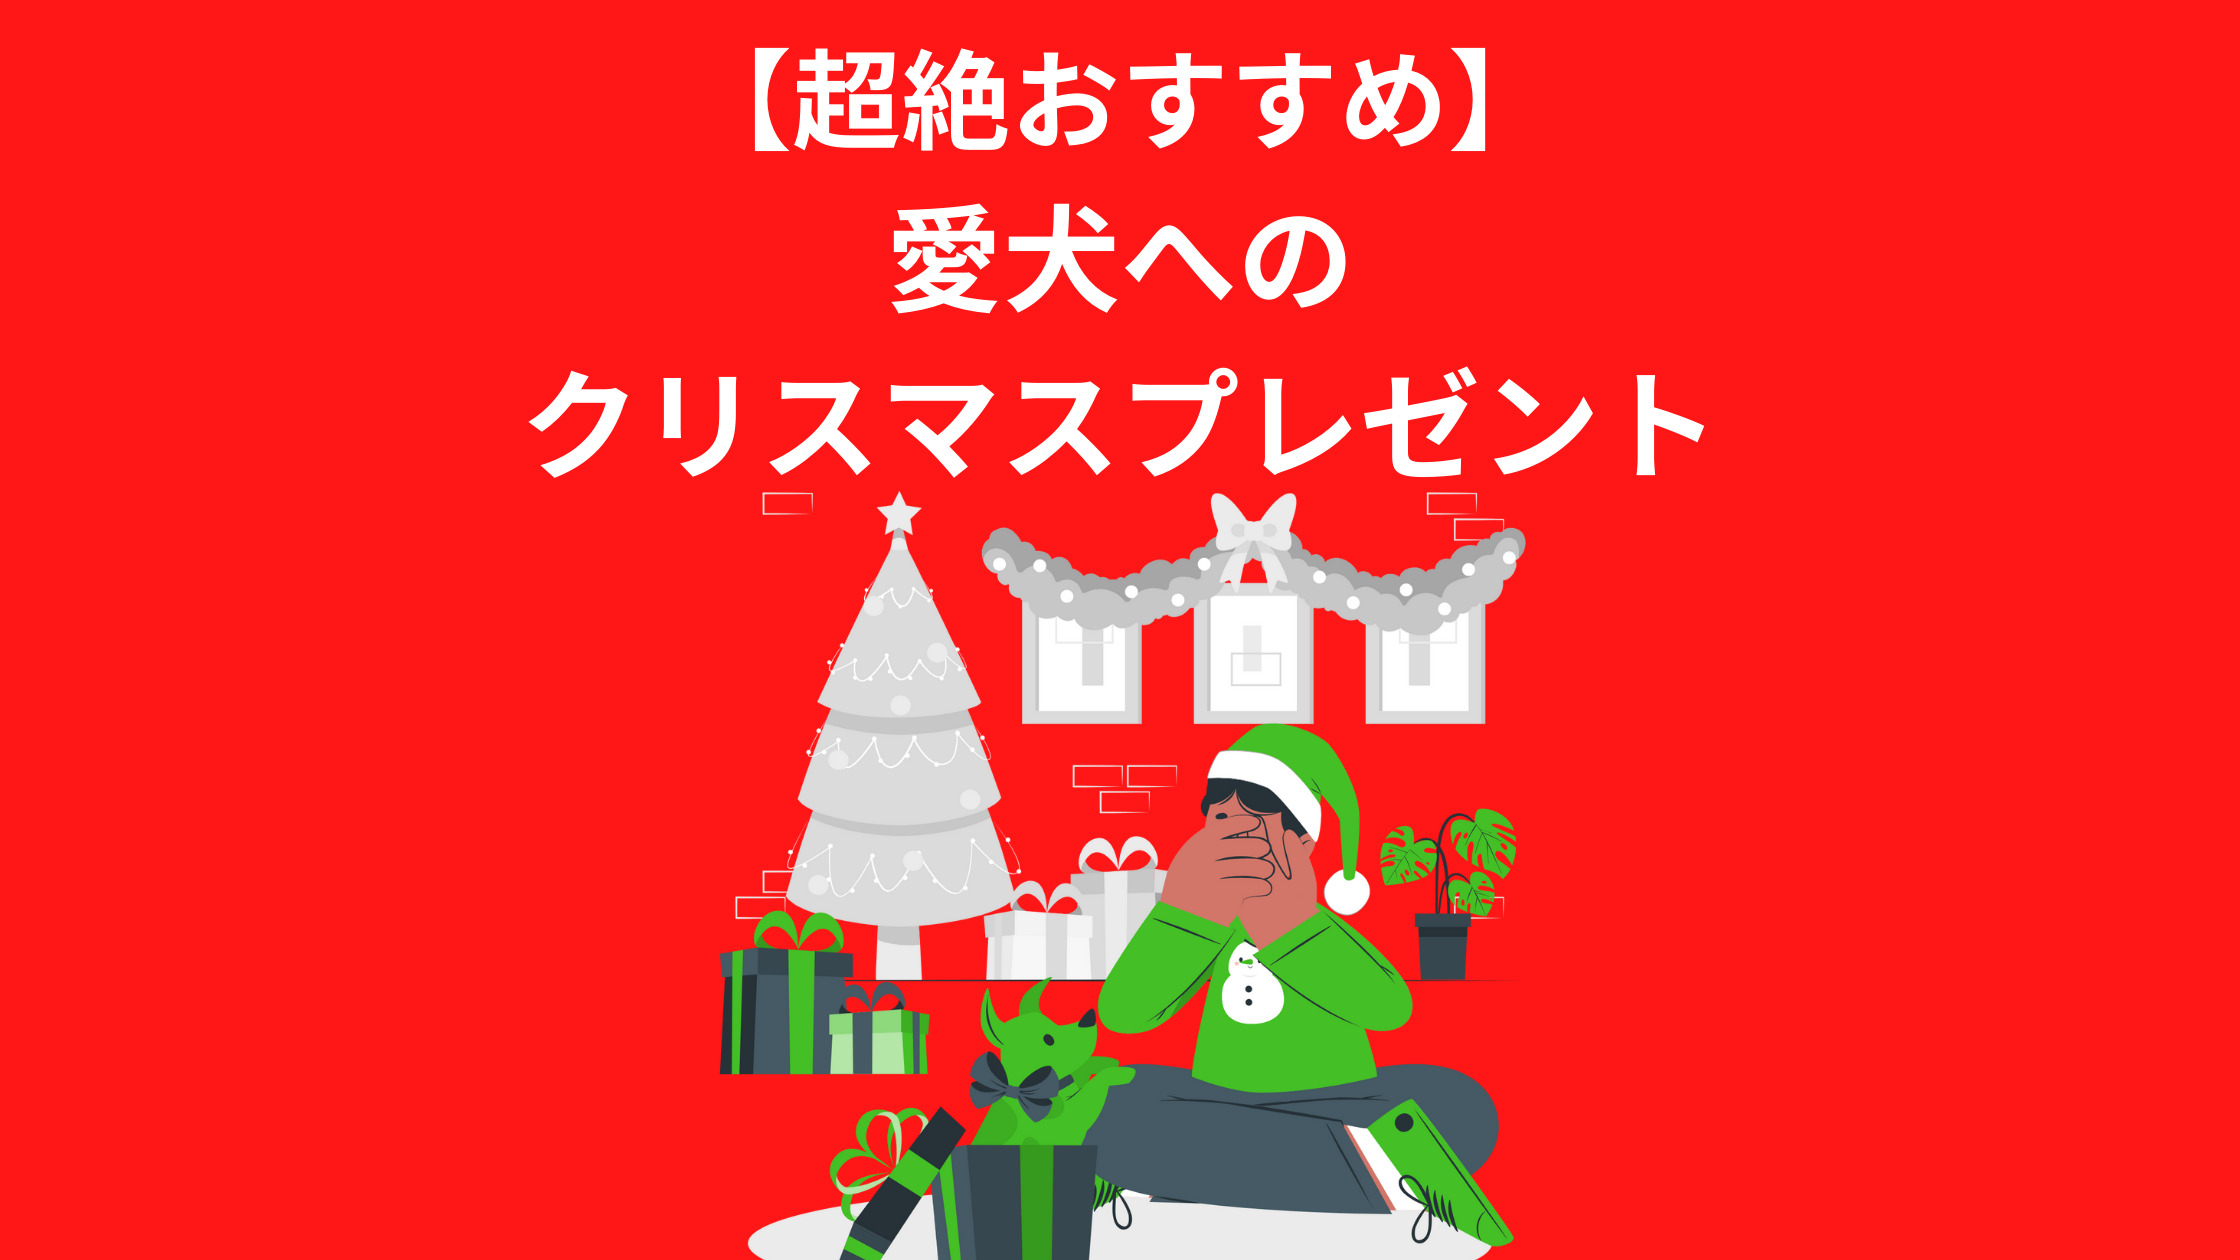 【超絶おすすめ】 愛犬への クリスマスプレゼント